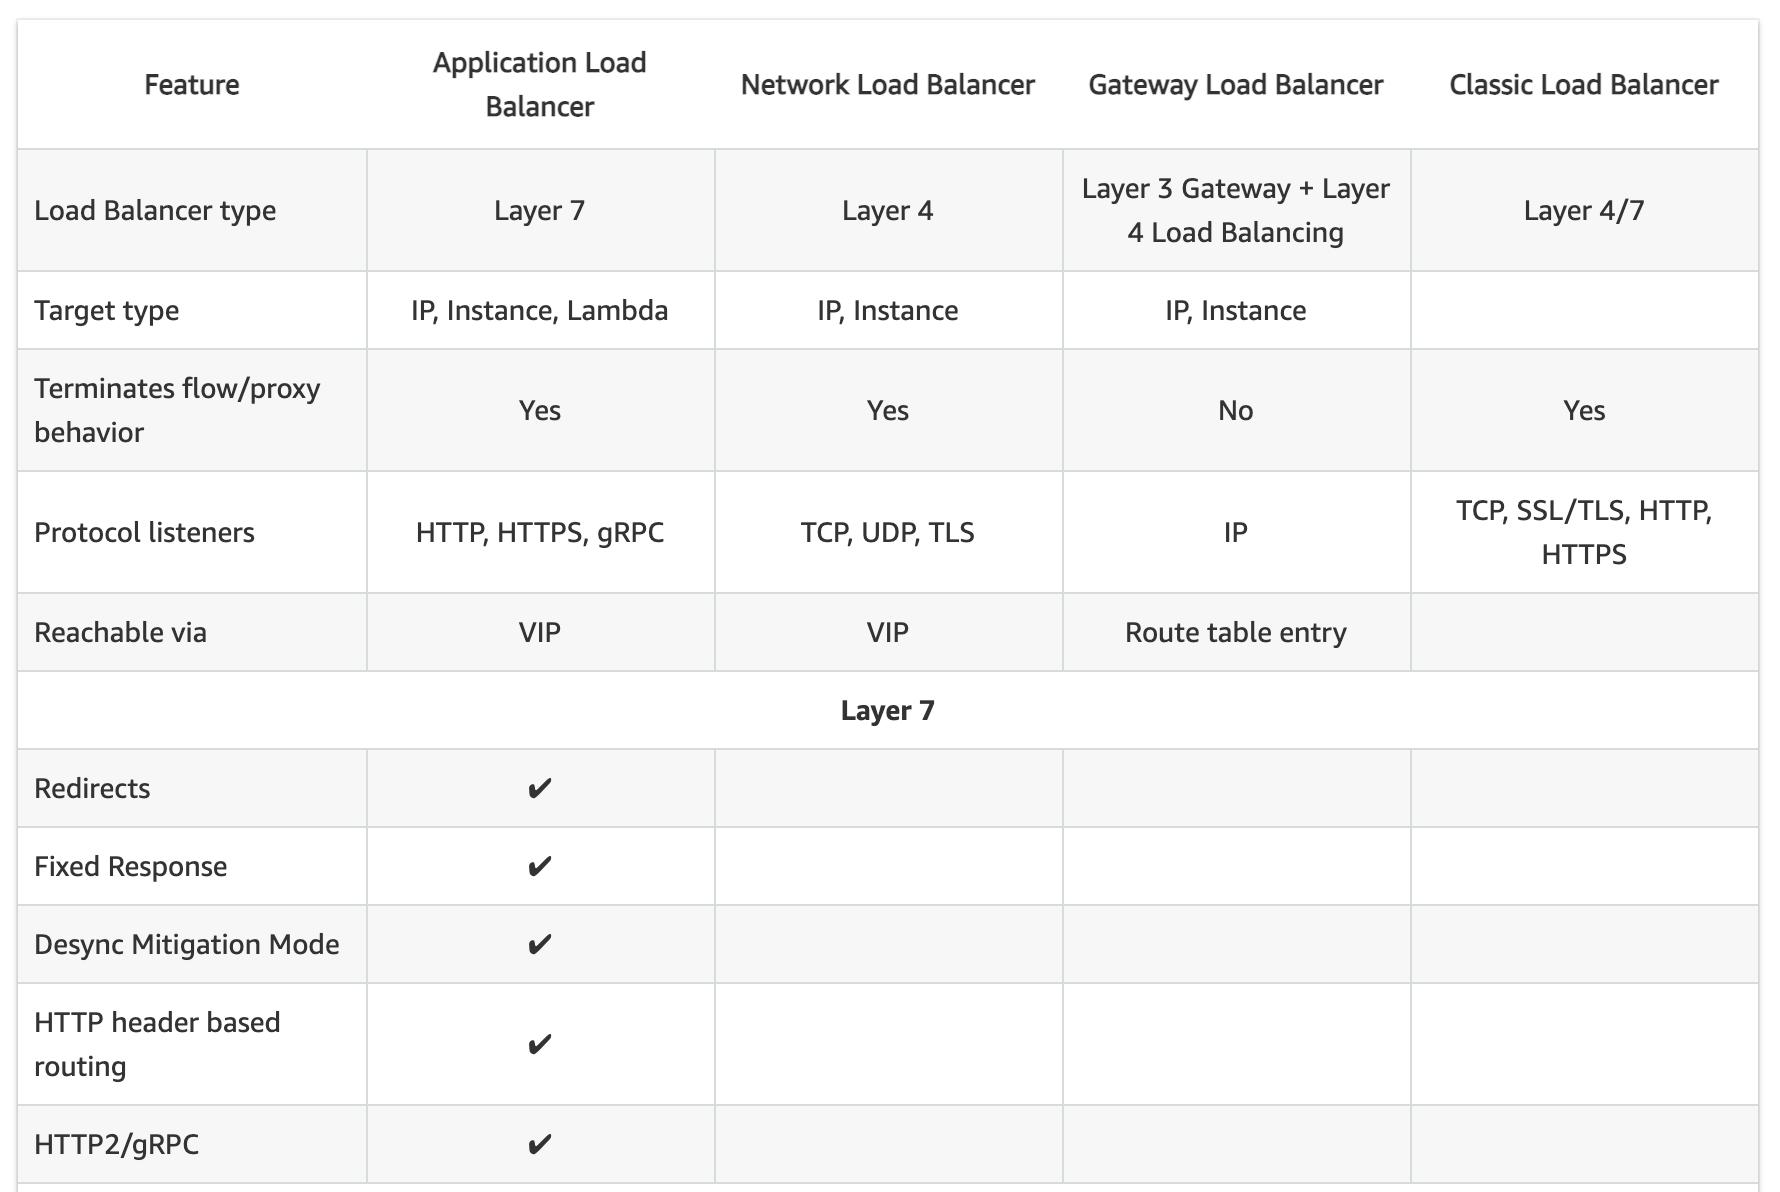 CLB vs ALB vs NLB General